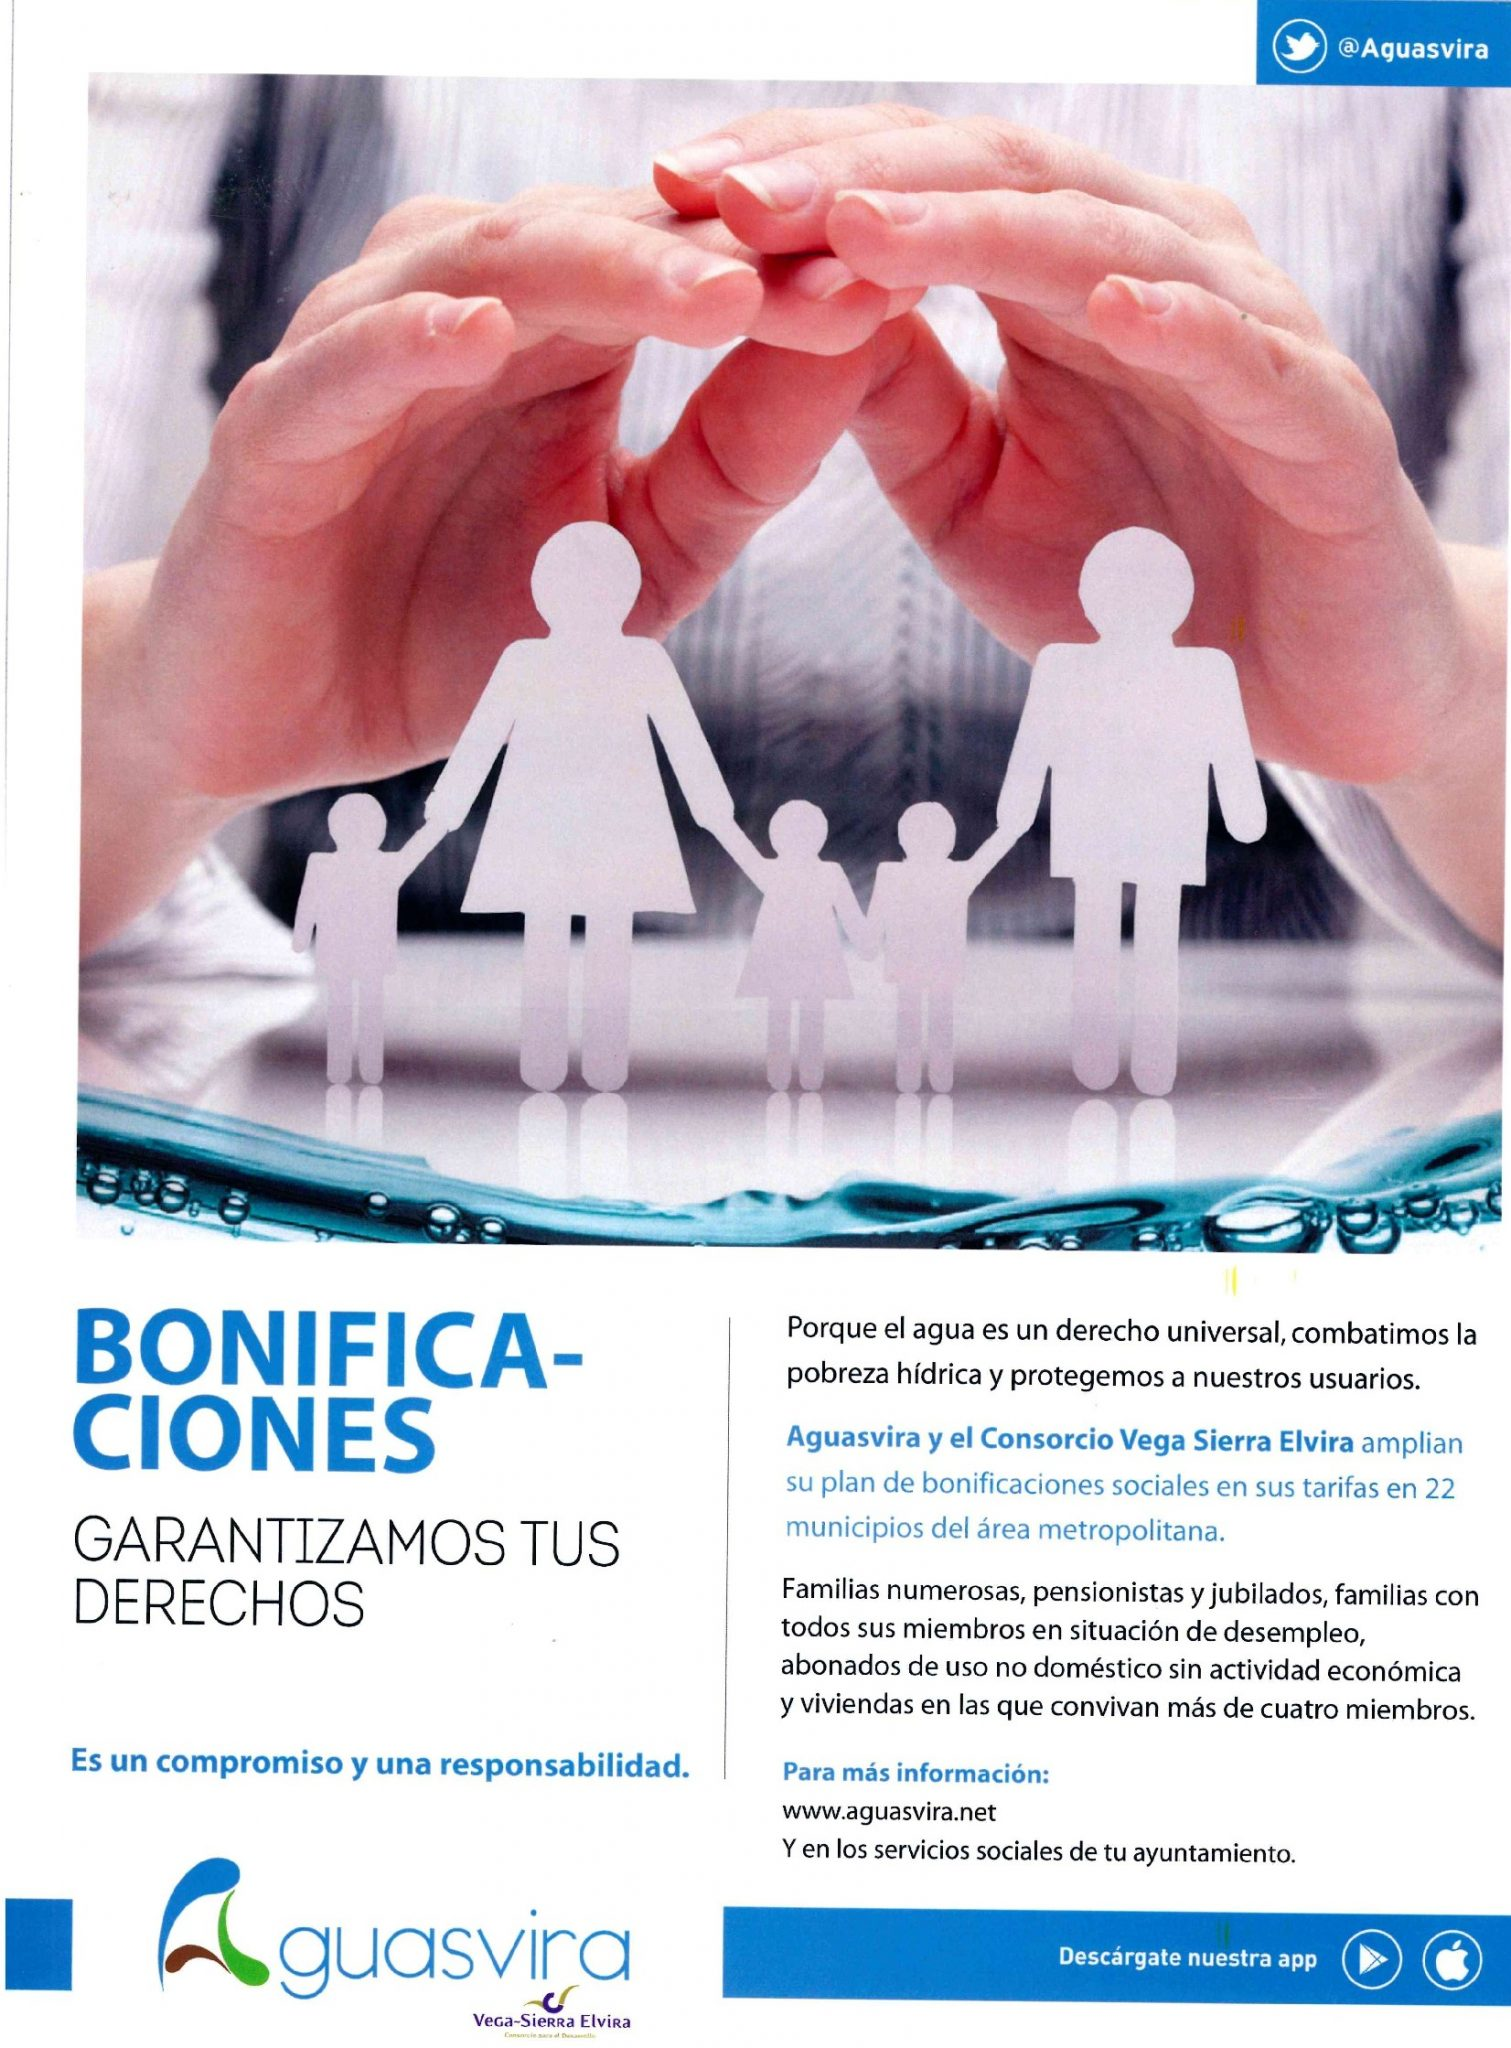 Bonificaciones Aguasvira